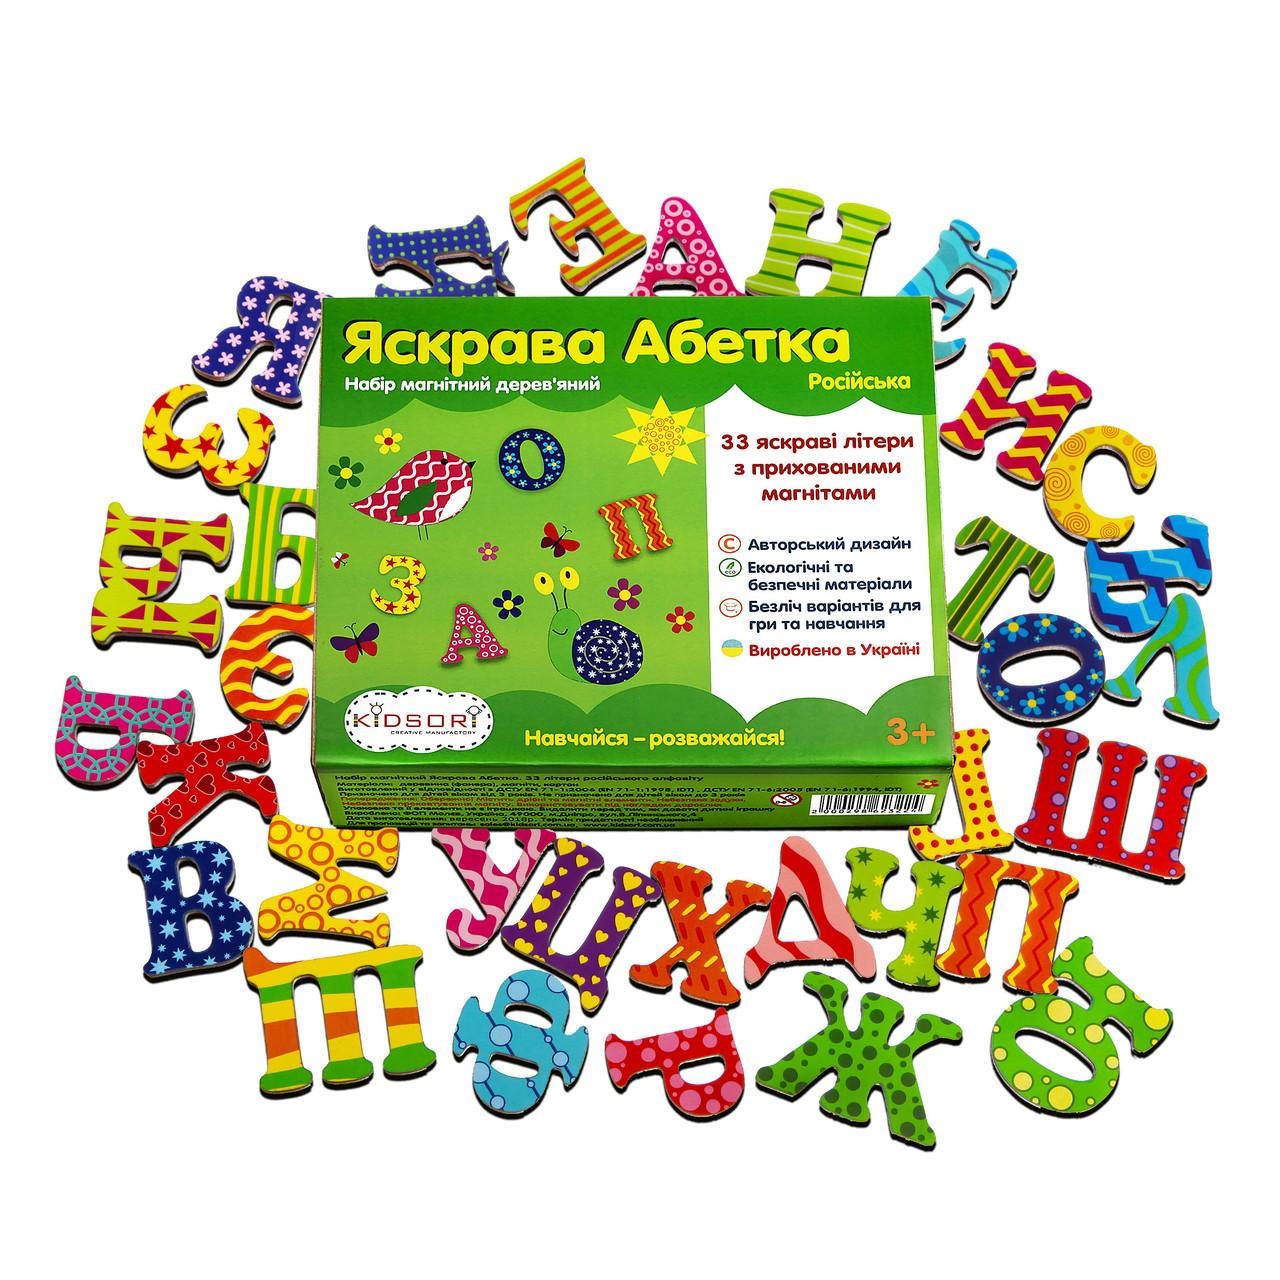 Магнитный алфавит Яркая Азбука, 33 буквы,русский